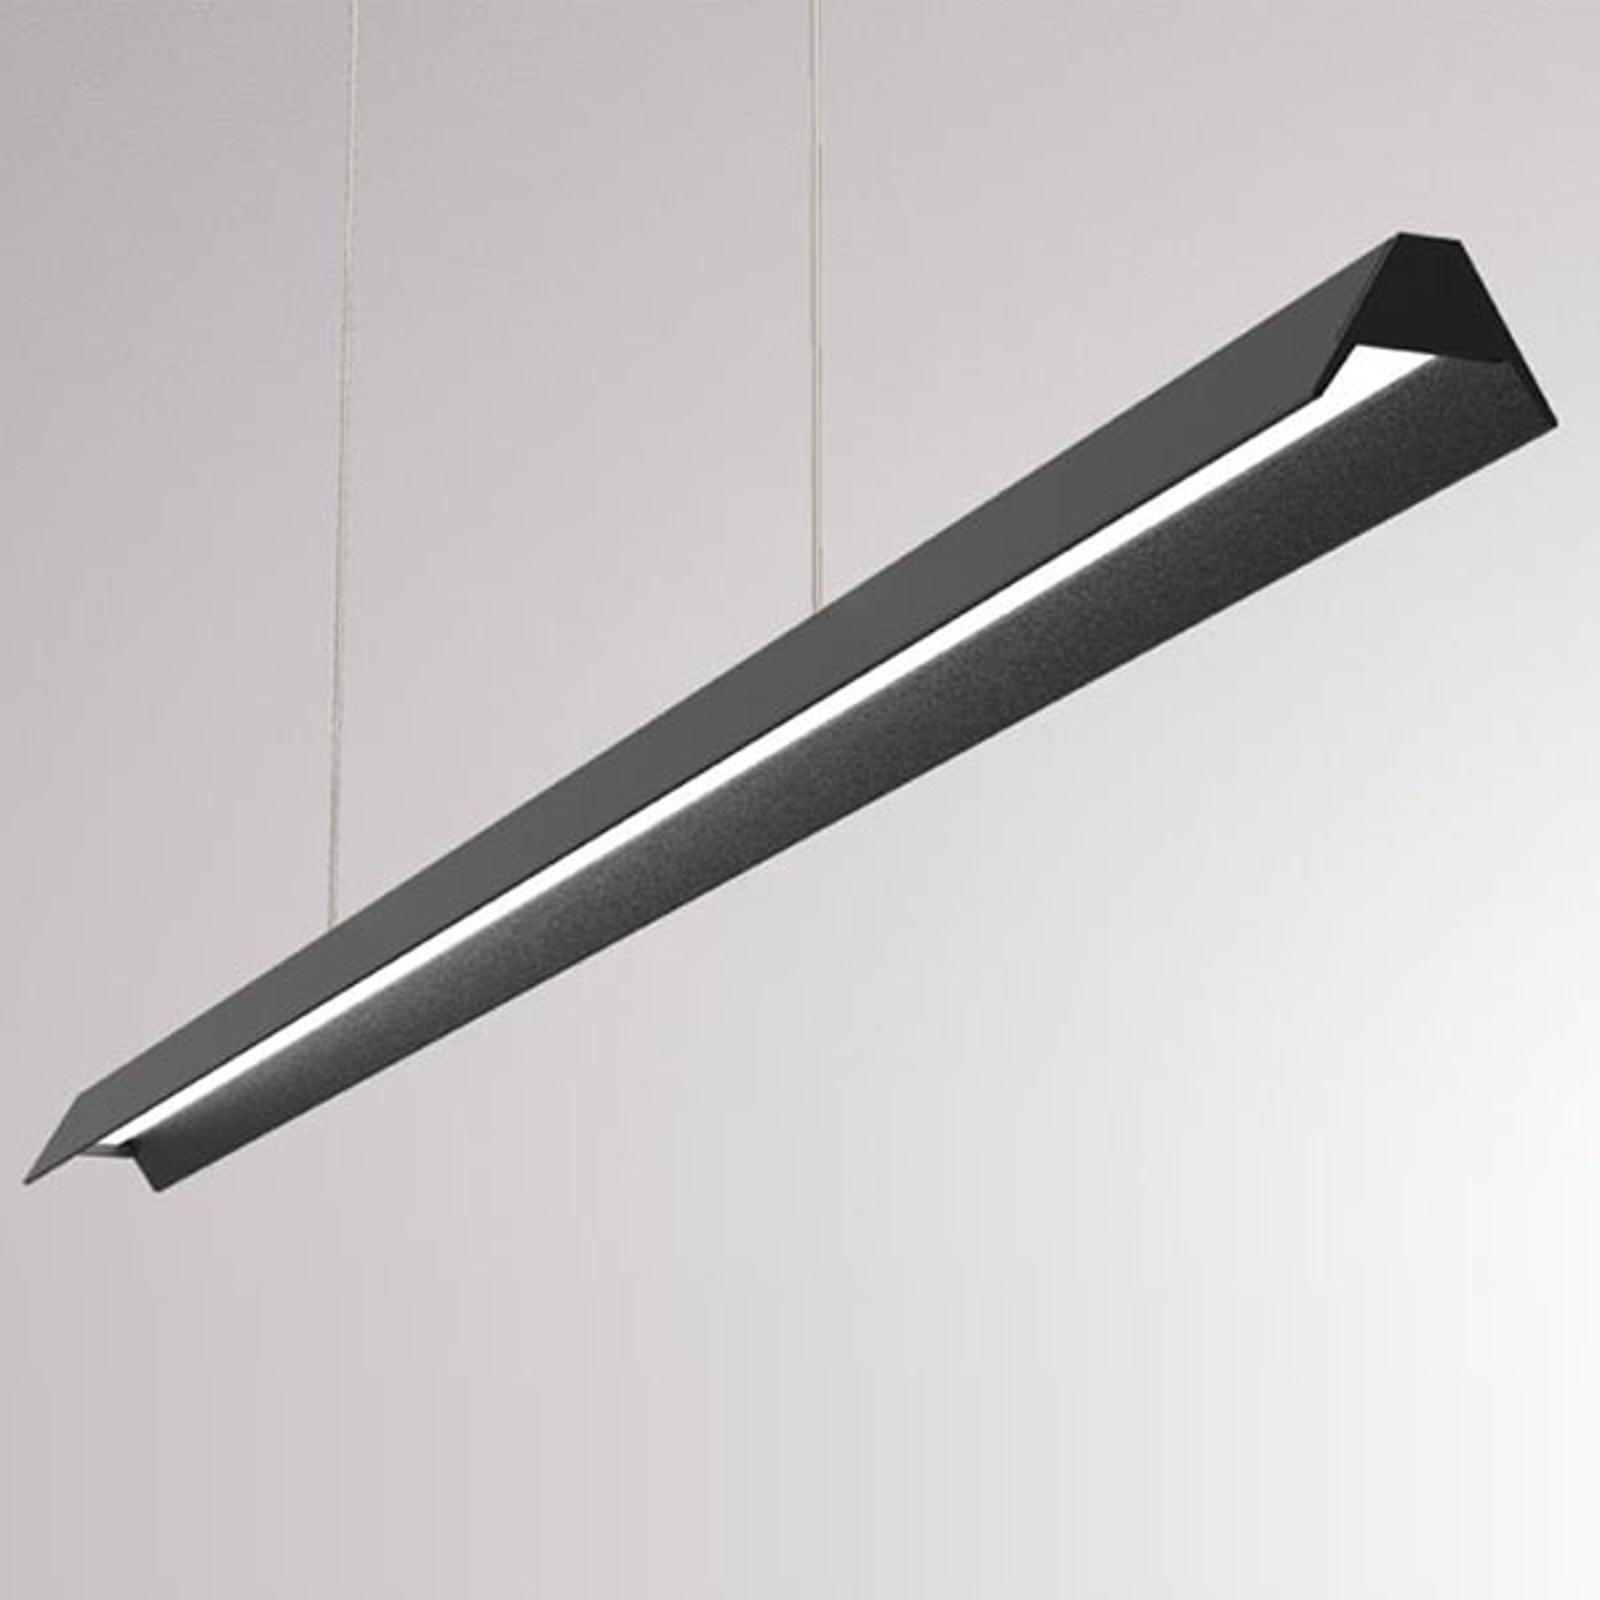 Acquista LOUM Uto LED sospensione paralume metallo nero